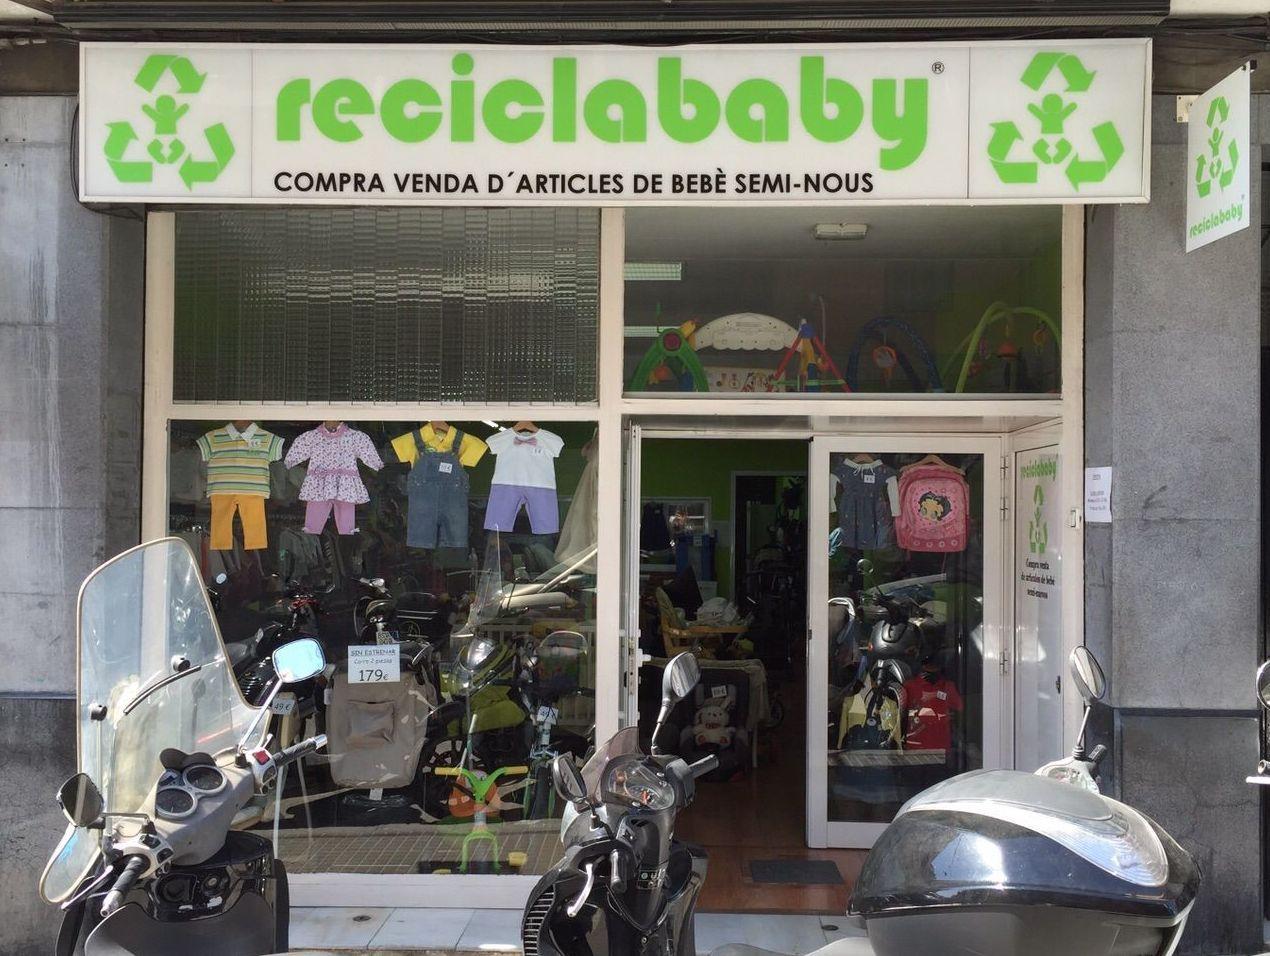 Hoza acogedora personales venta de articulos de bebe de for Muebles segunda mano lugo